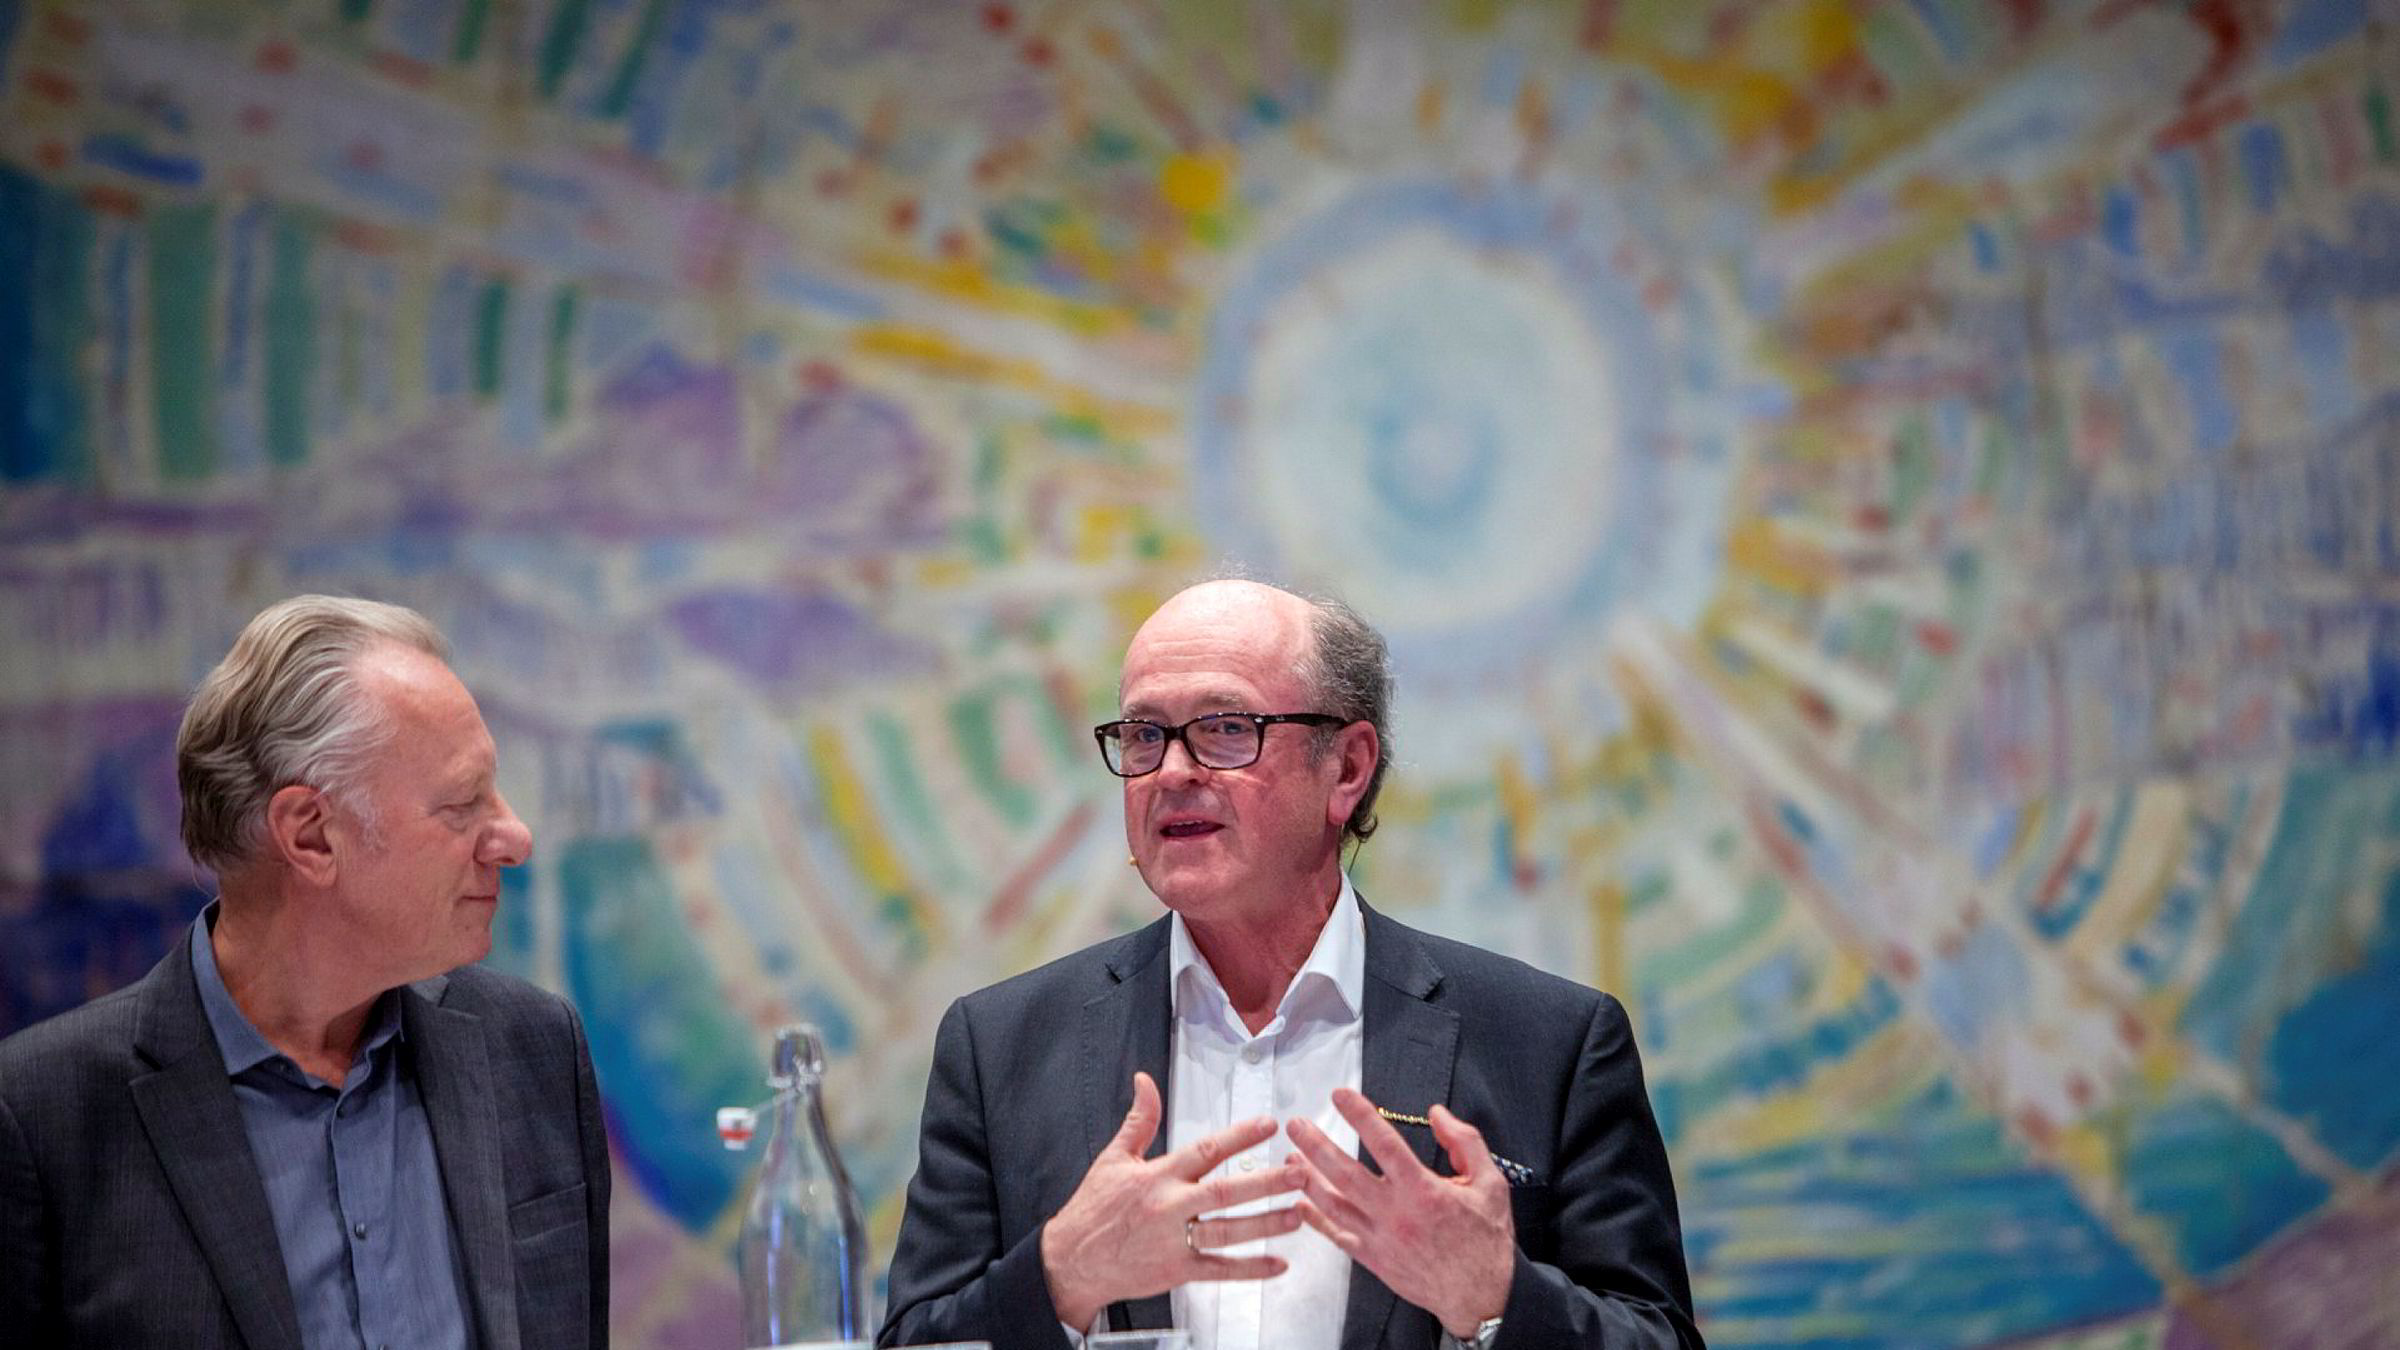 Fra høyre: Knut Forsberg er senior kunstekspert og daglig leder av Blomqvist Nettauksjon. Her under en debatt tidligere i år. Til venstre: Stein Olav Henrichsen, direktør ved Munchmuseet i Oslo.